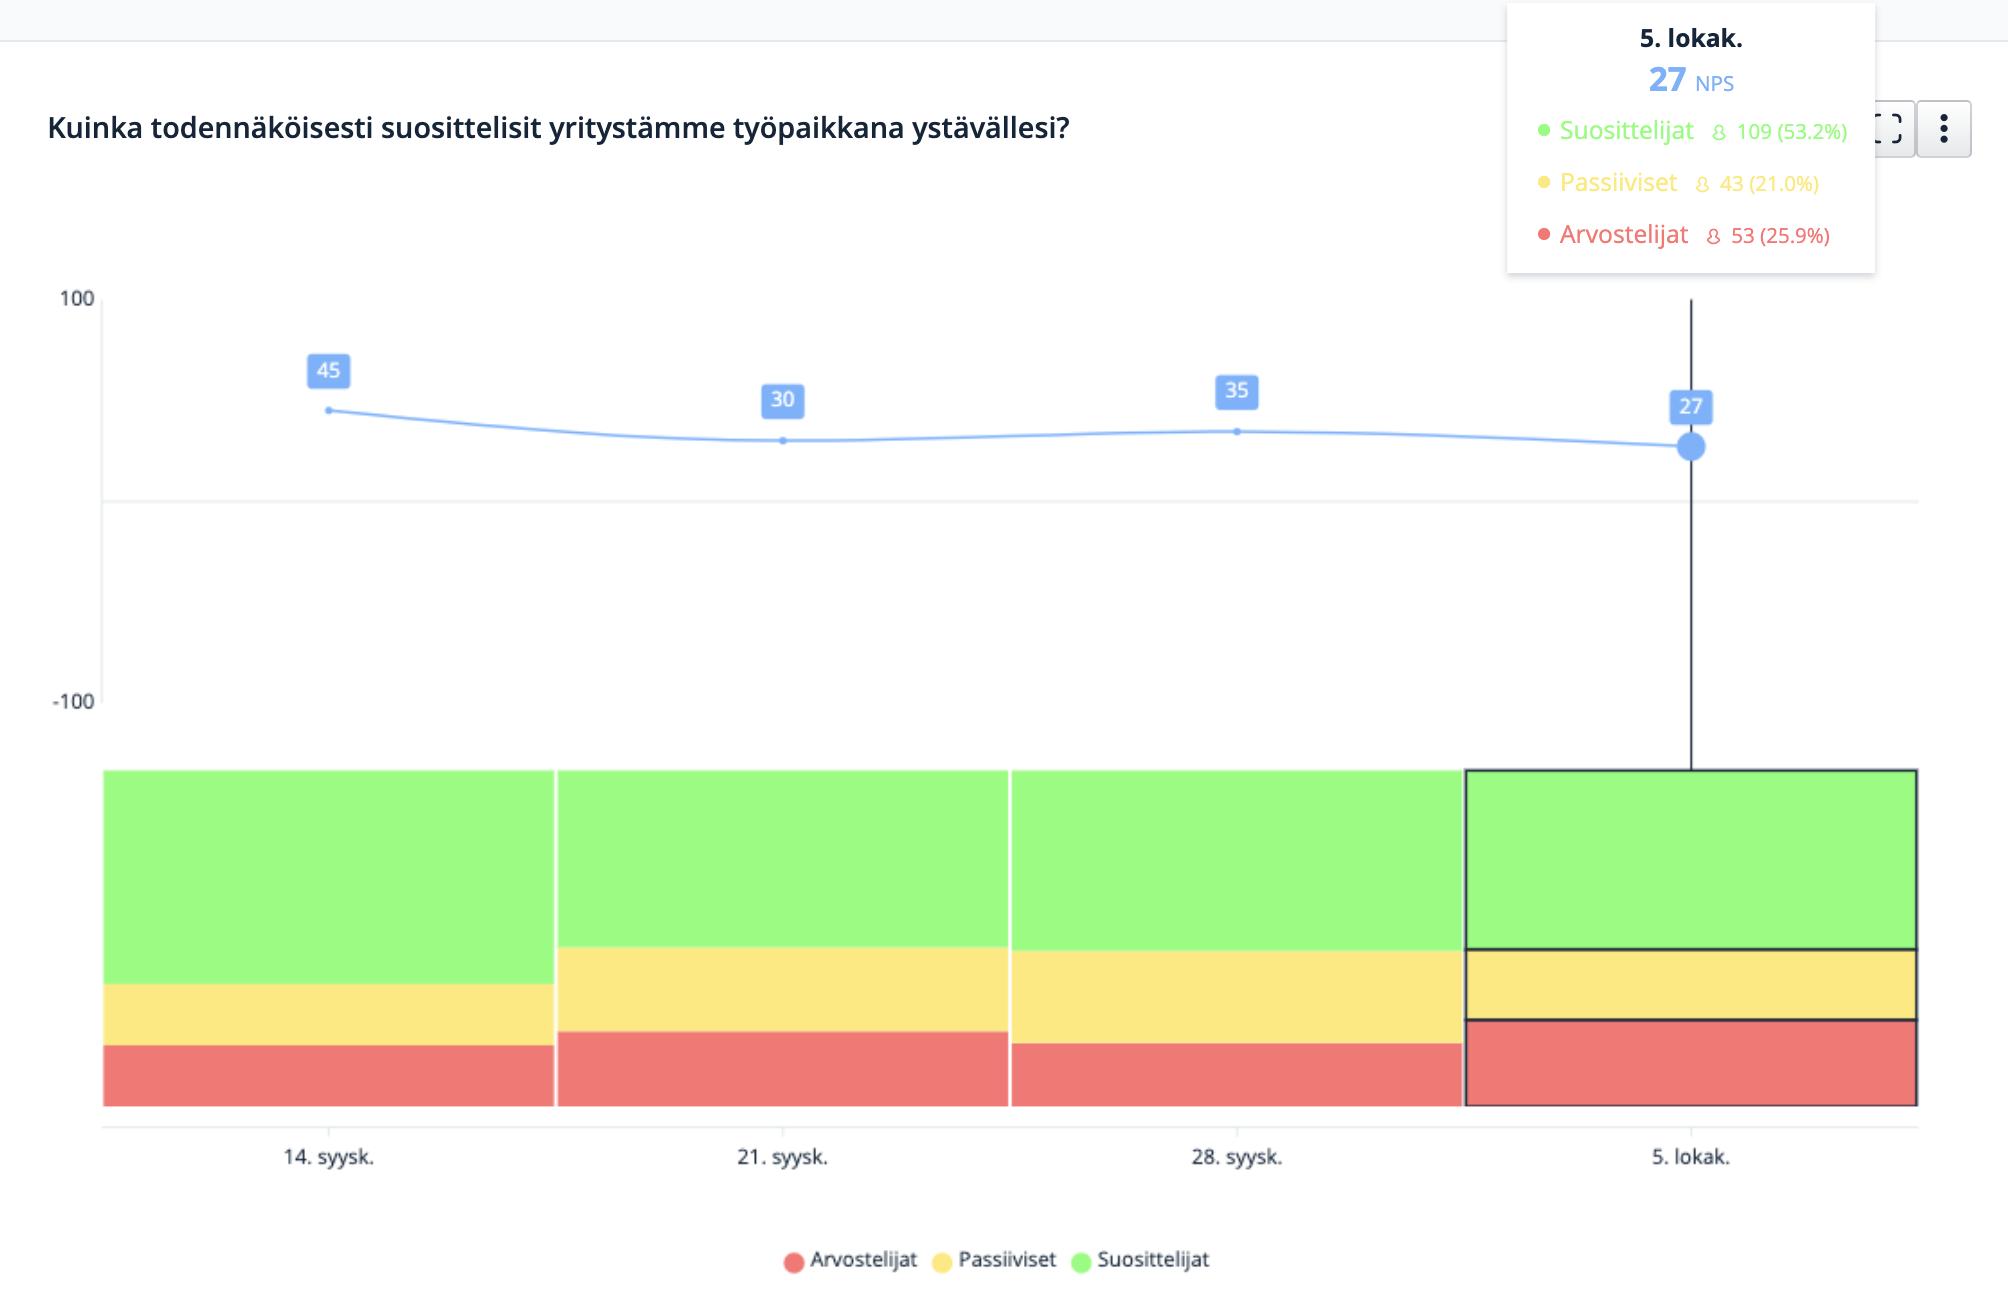 eNPS-suositteluarvon kehitys ajan mittaan (esimerkki).